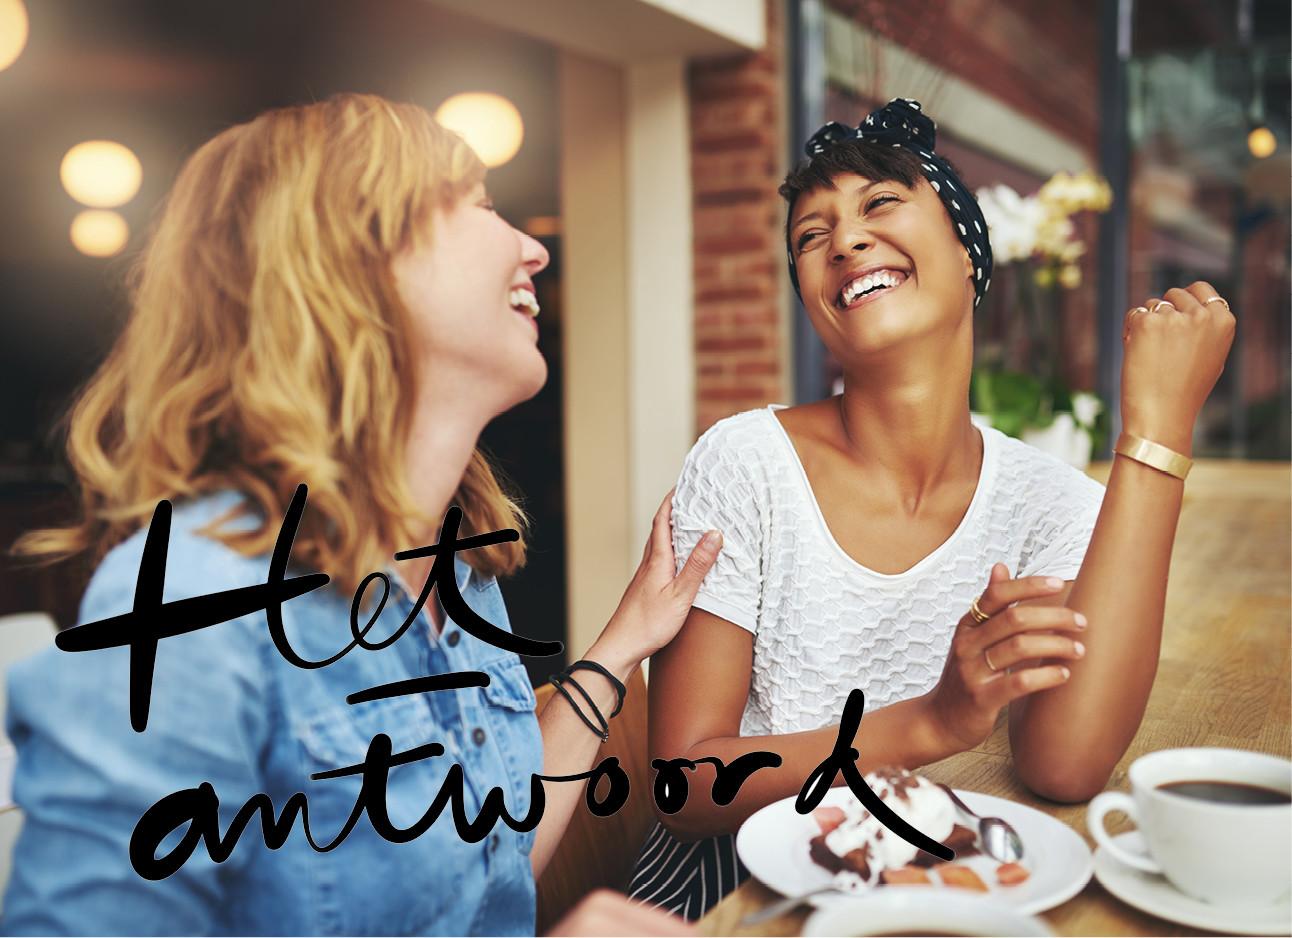 2 meiden die achter een tafel zitten en lachen naar elkaar